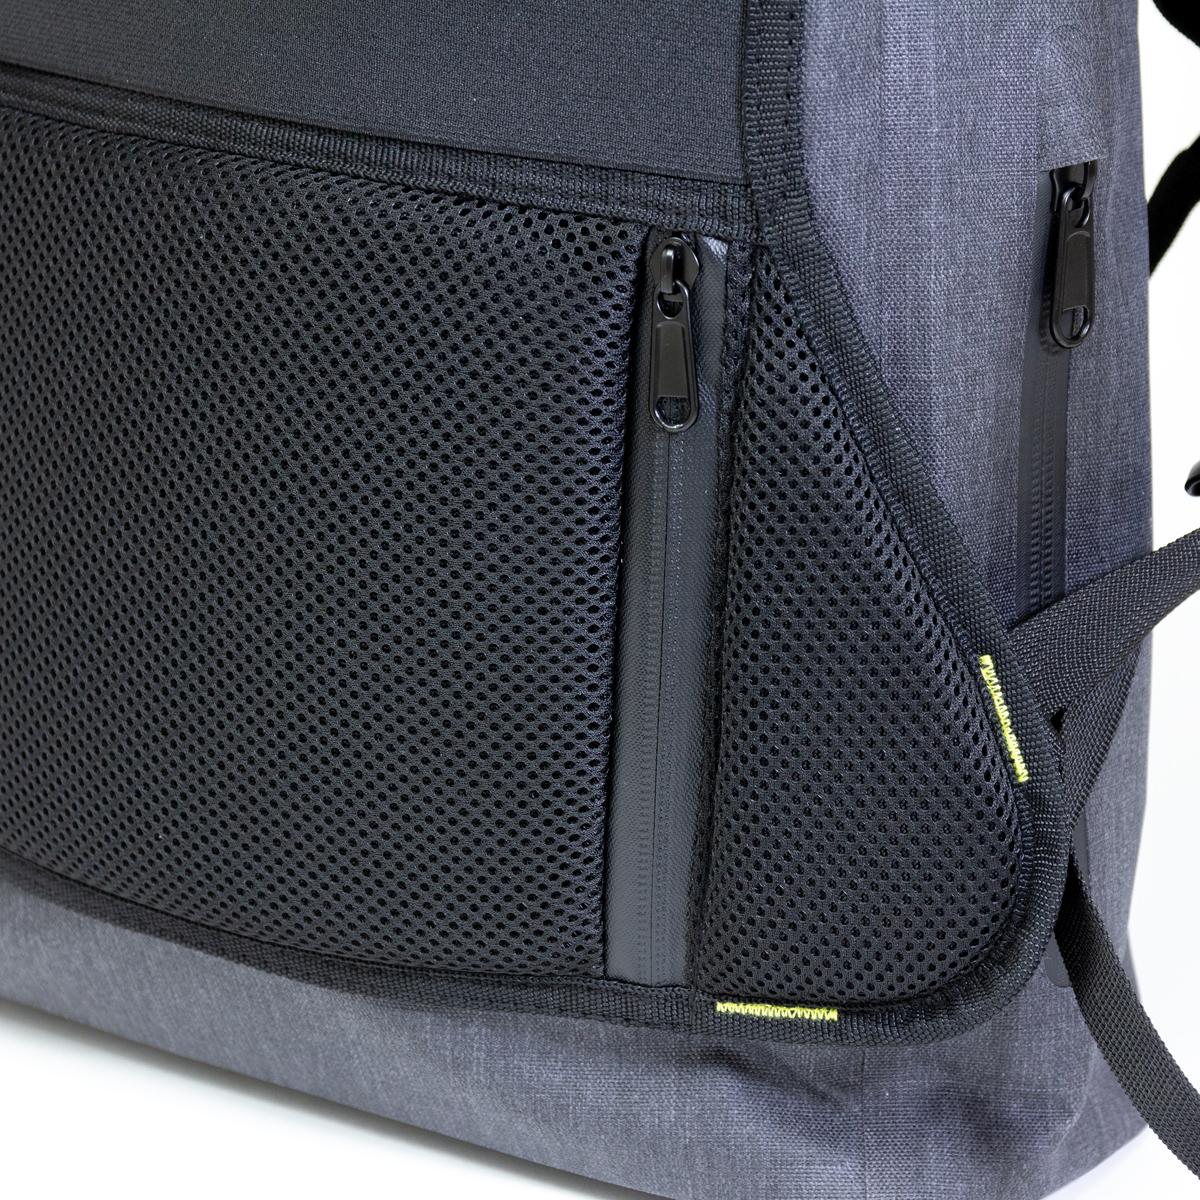 隠し収納ポケット付きの完全防水・テックスリーブ・盗難抑止機能・隠しポケットを搭載。10の機能を持ち合わせたバックパック | Code 10